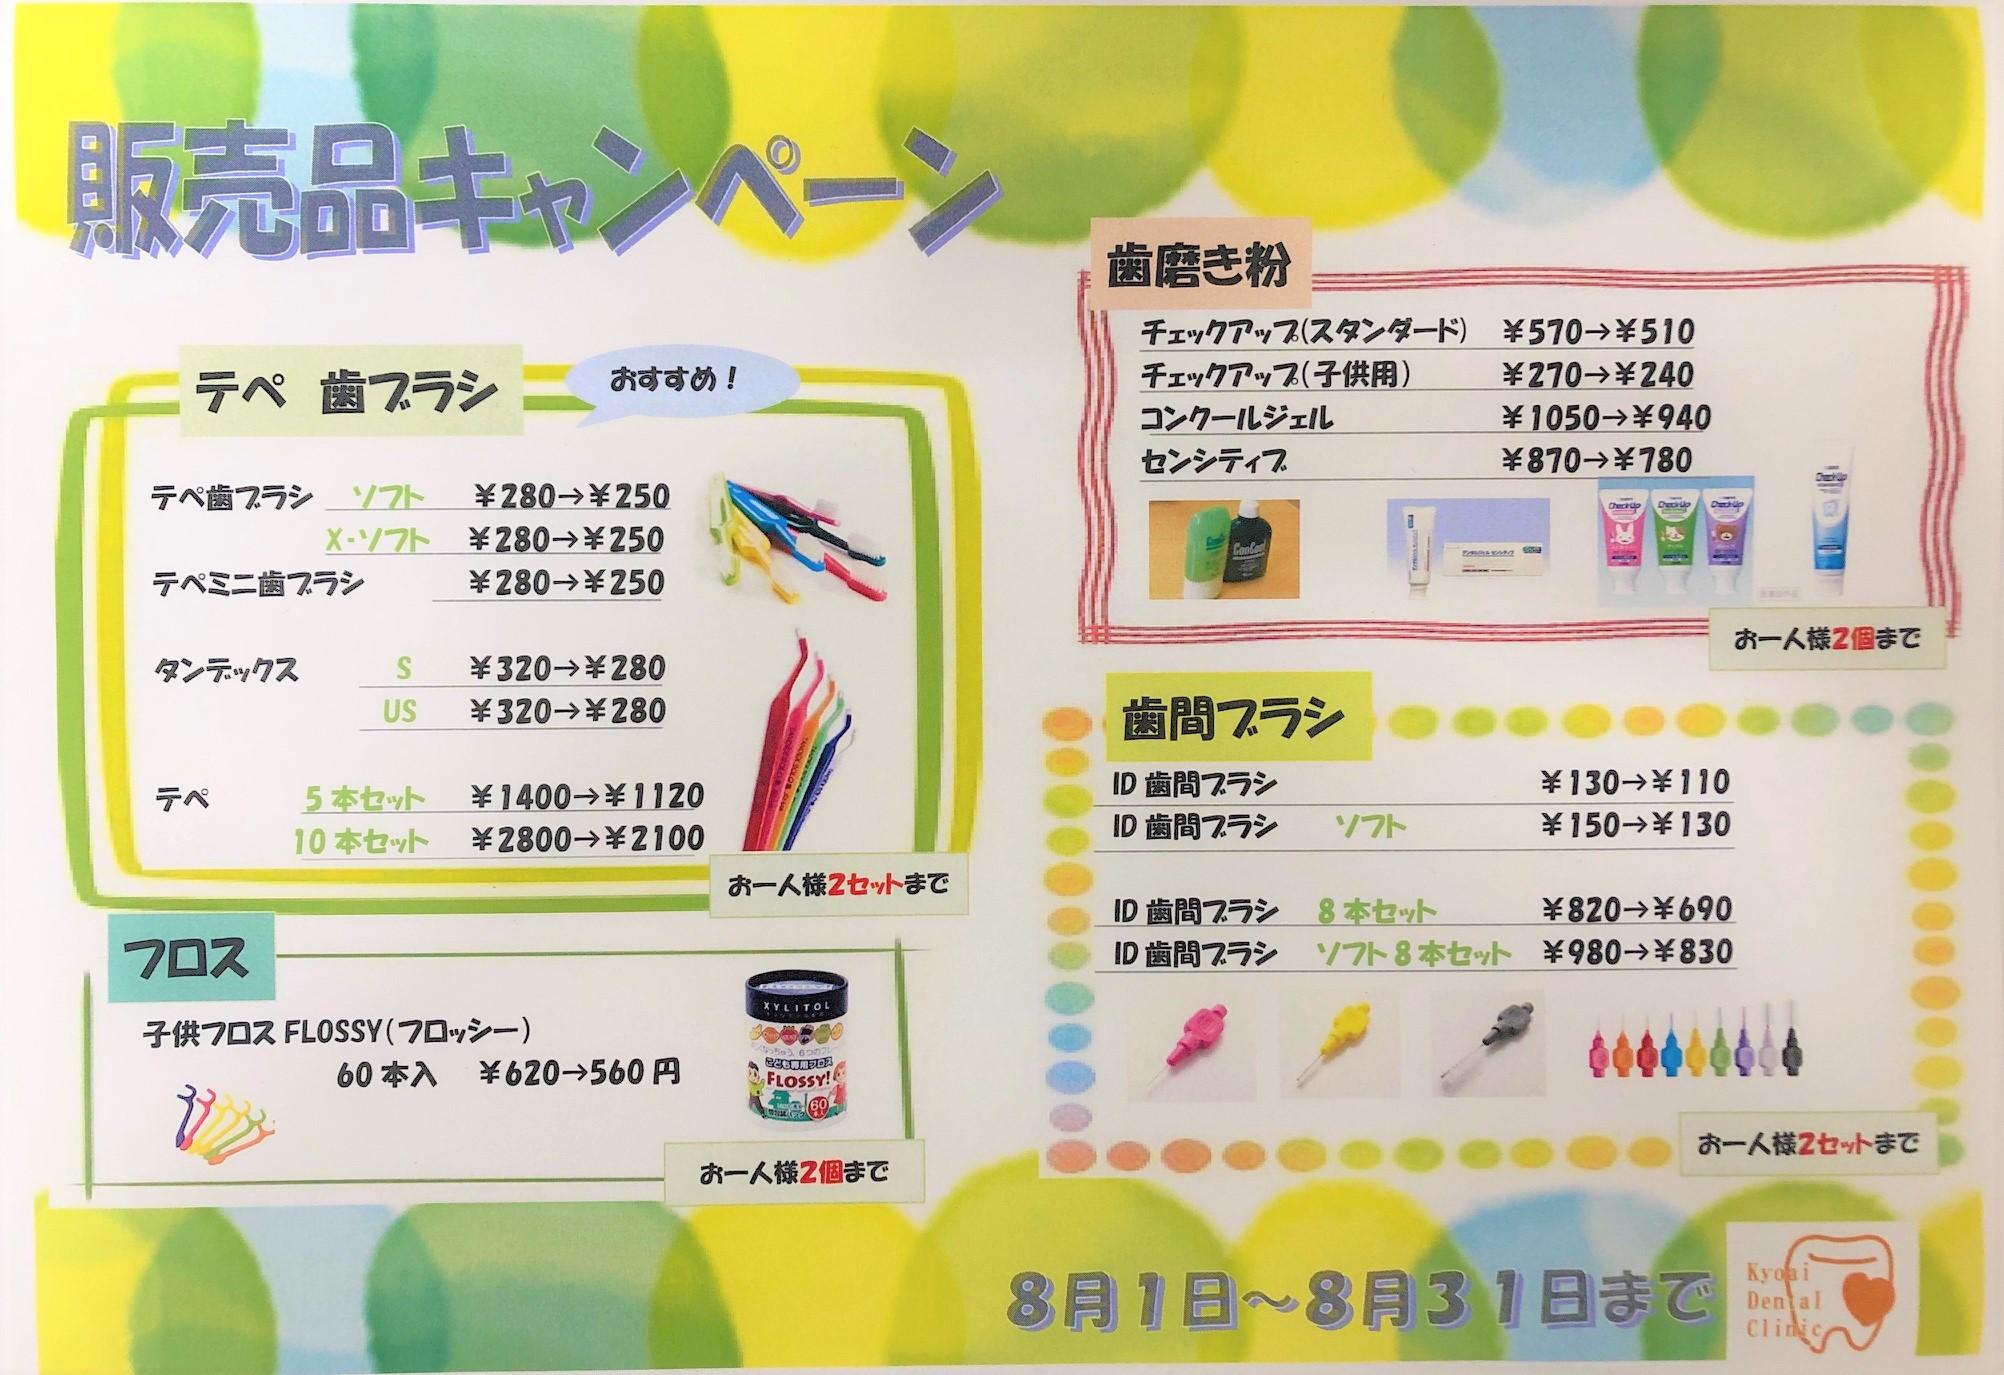 8月☆歯ブラシキャンペーン